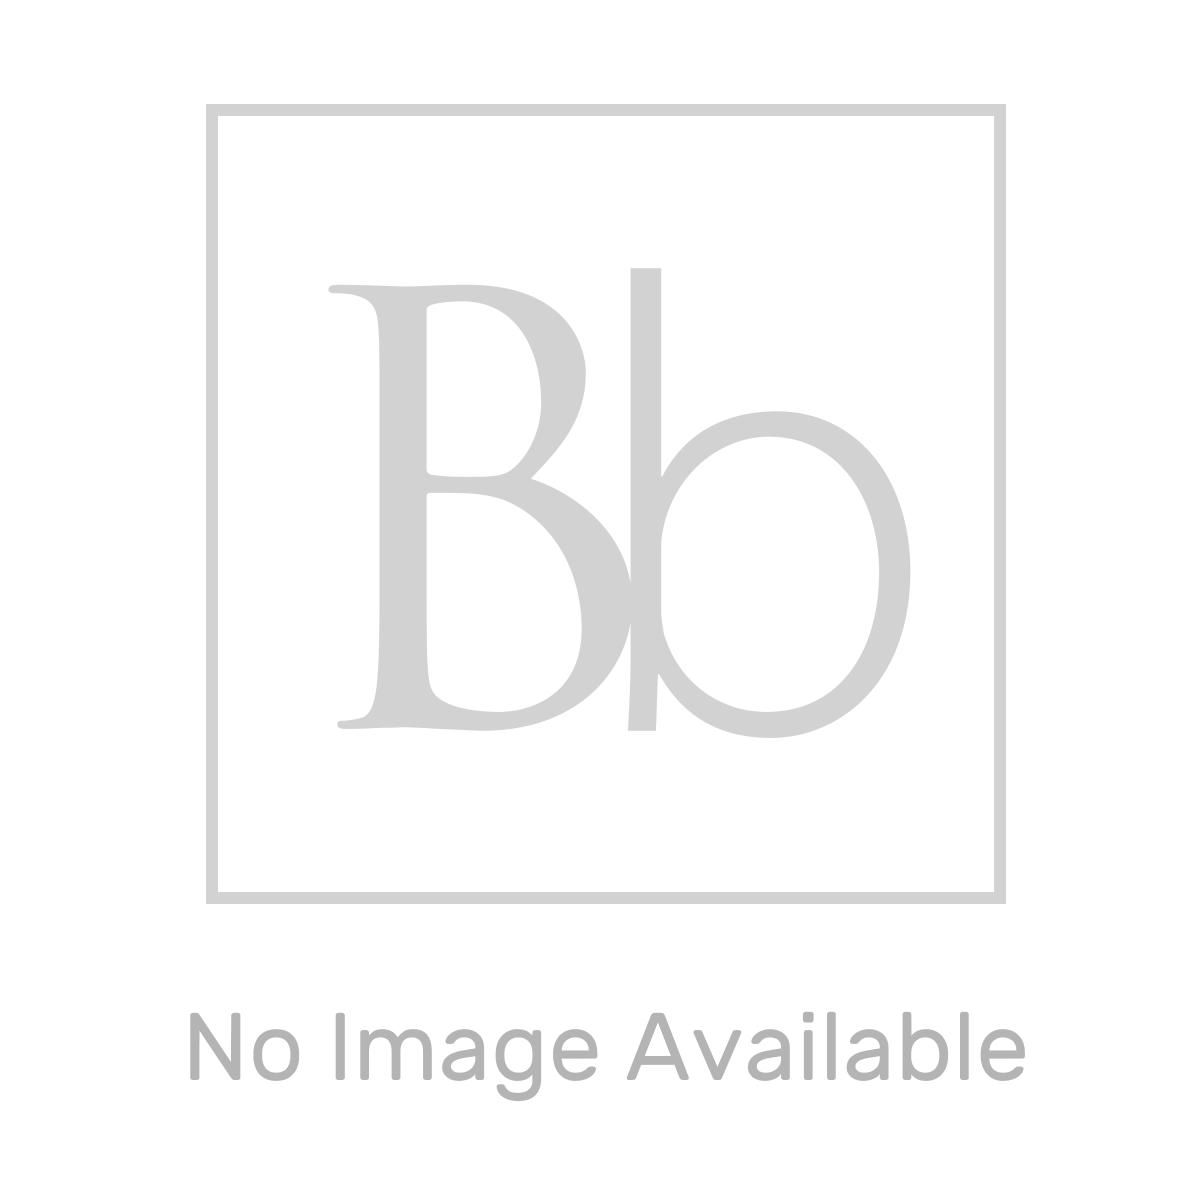 Kartell Astley Matt White Front Bath Panel 1800mm